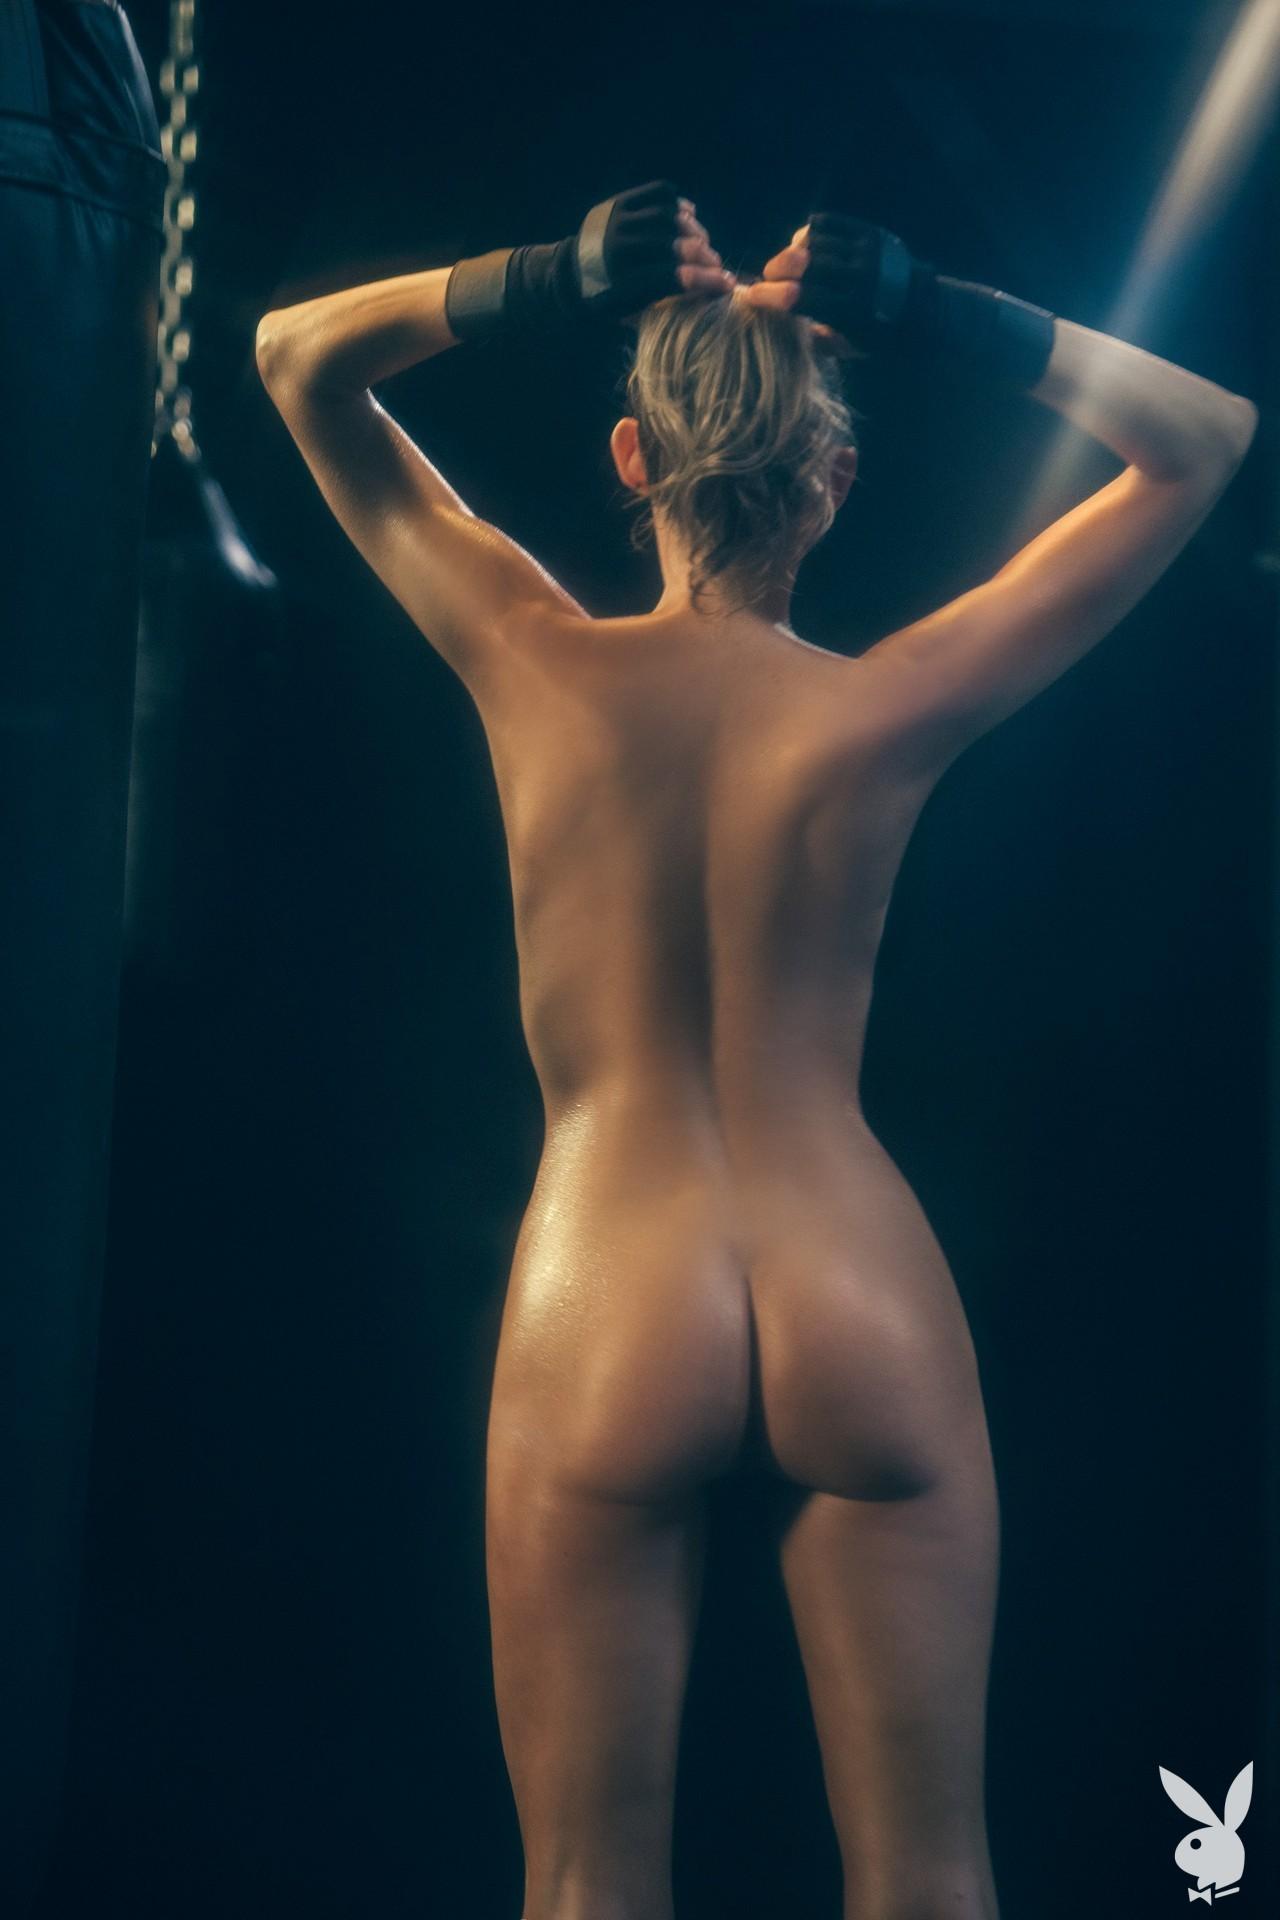 Natalie Mae - Playboy photoshoot